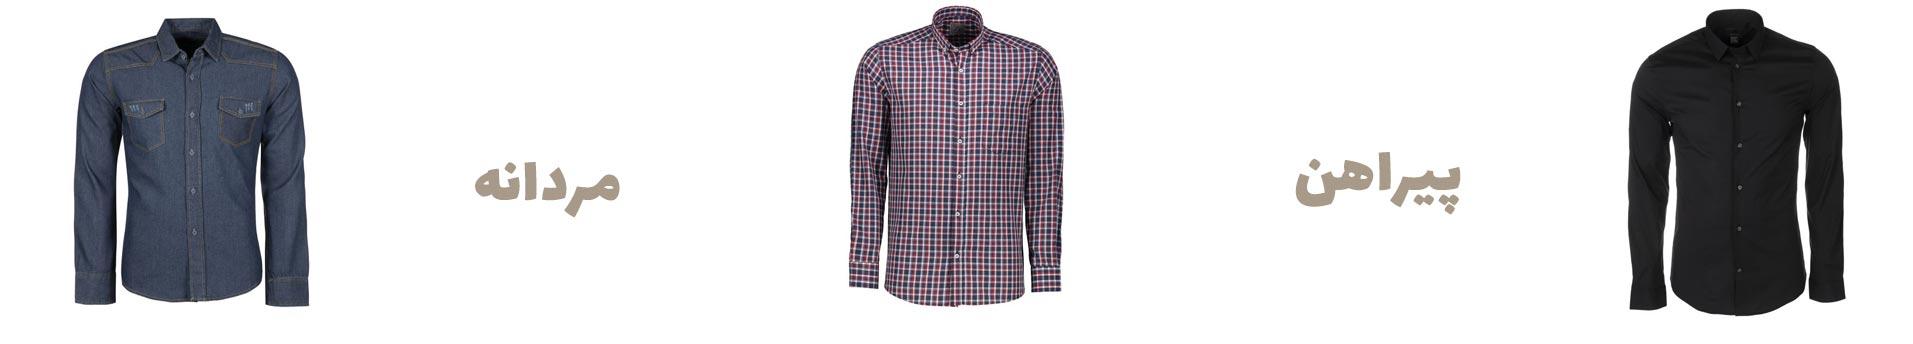 پیراهن مردانه شیک با قیمت مناسب و ارزان